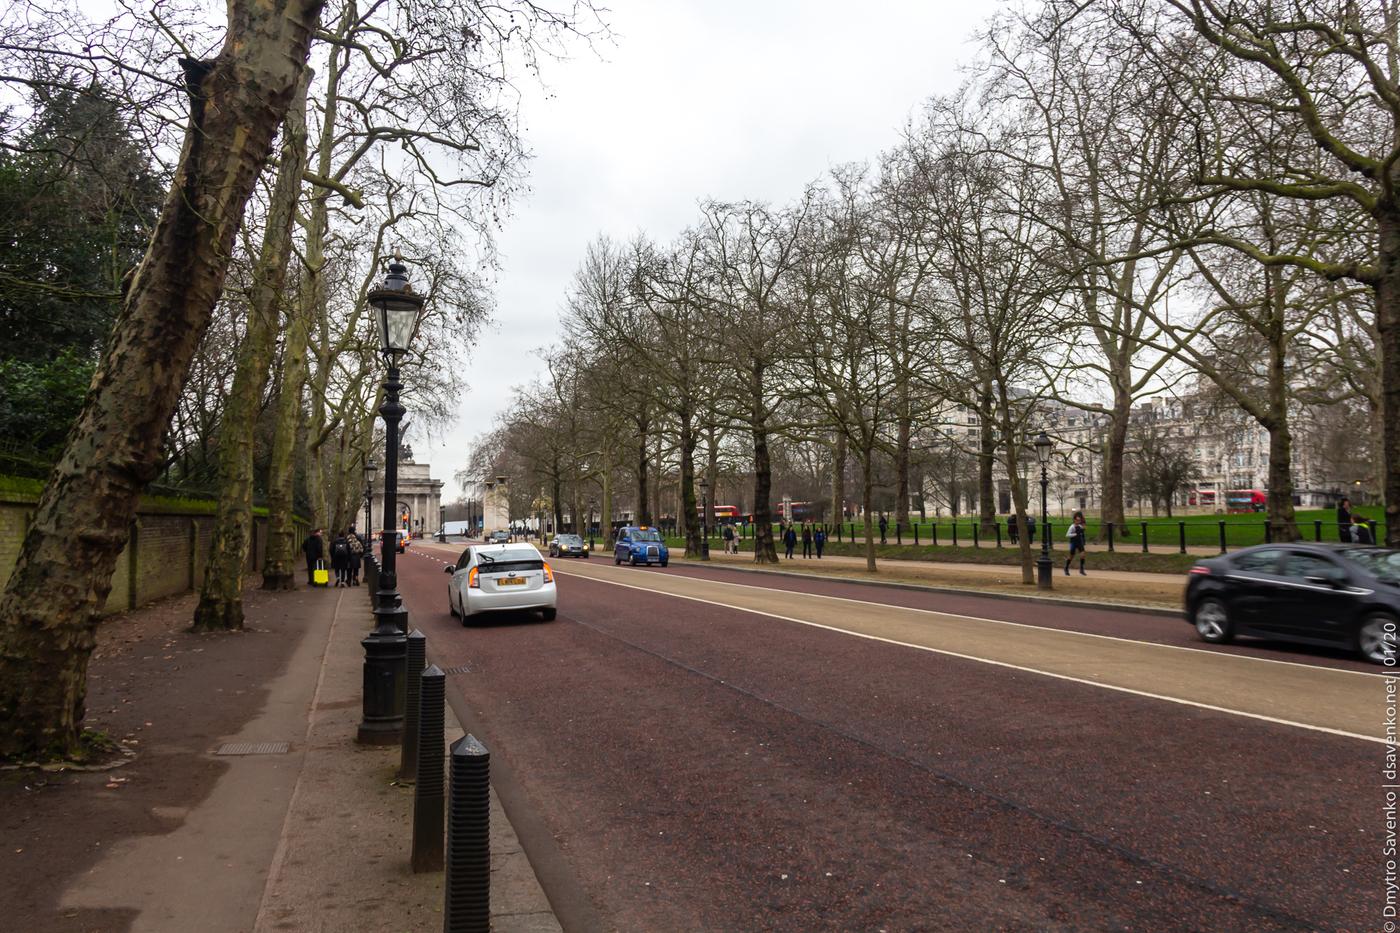 london_202001_023